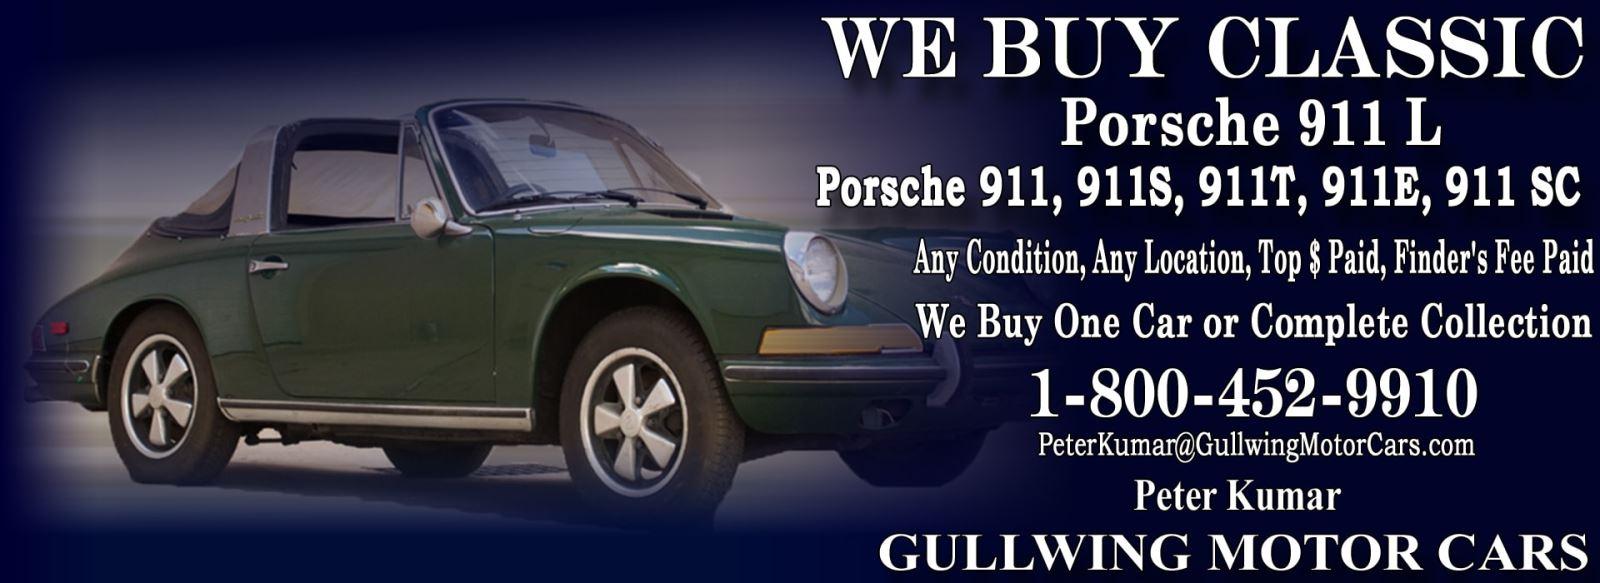 Classic Porsche 911L for sale, we buy vintage Porsche 911L. Call Peter Kumar. Gullwing Motor